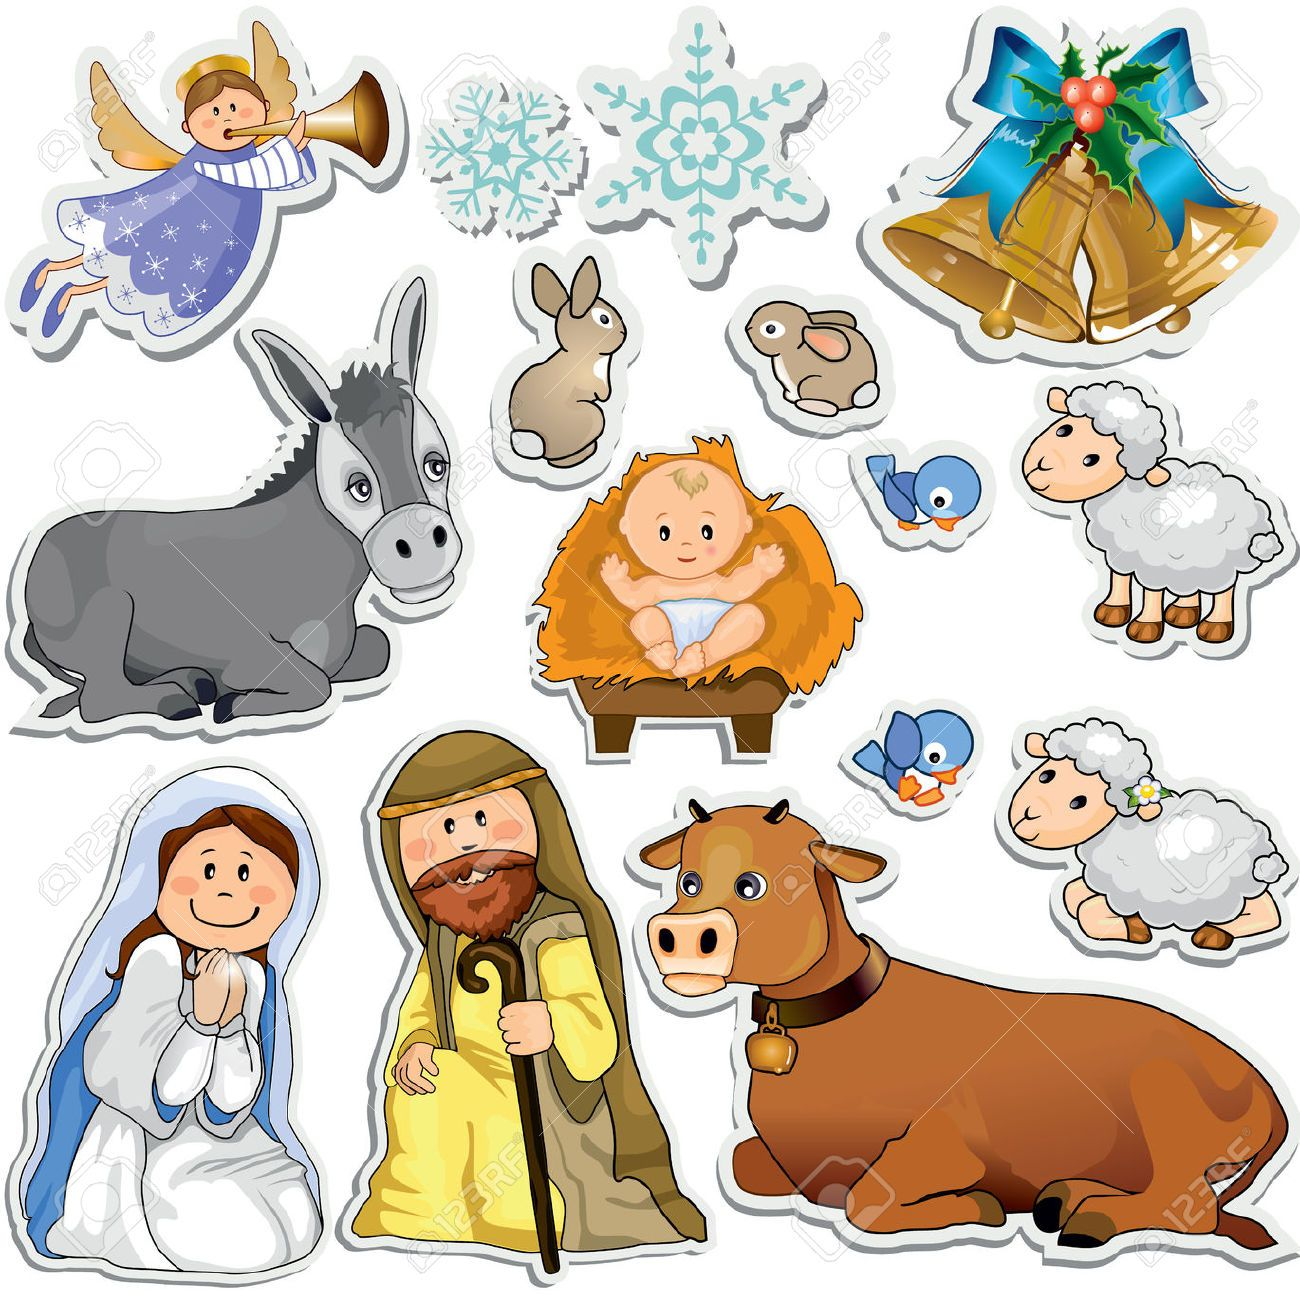 small resolution of jogo do natal adesivos que representam os personagens da sagrada fam lia gradient m scara eps10 royalty free cliparts vetores e ilustra es stock